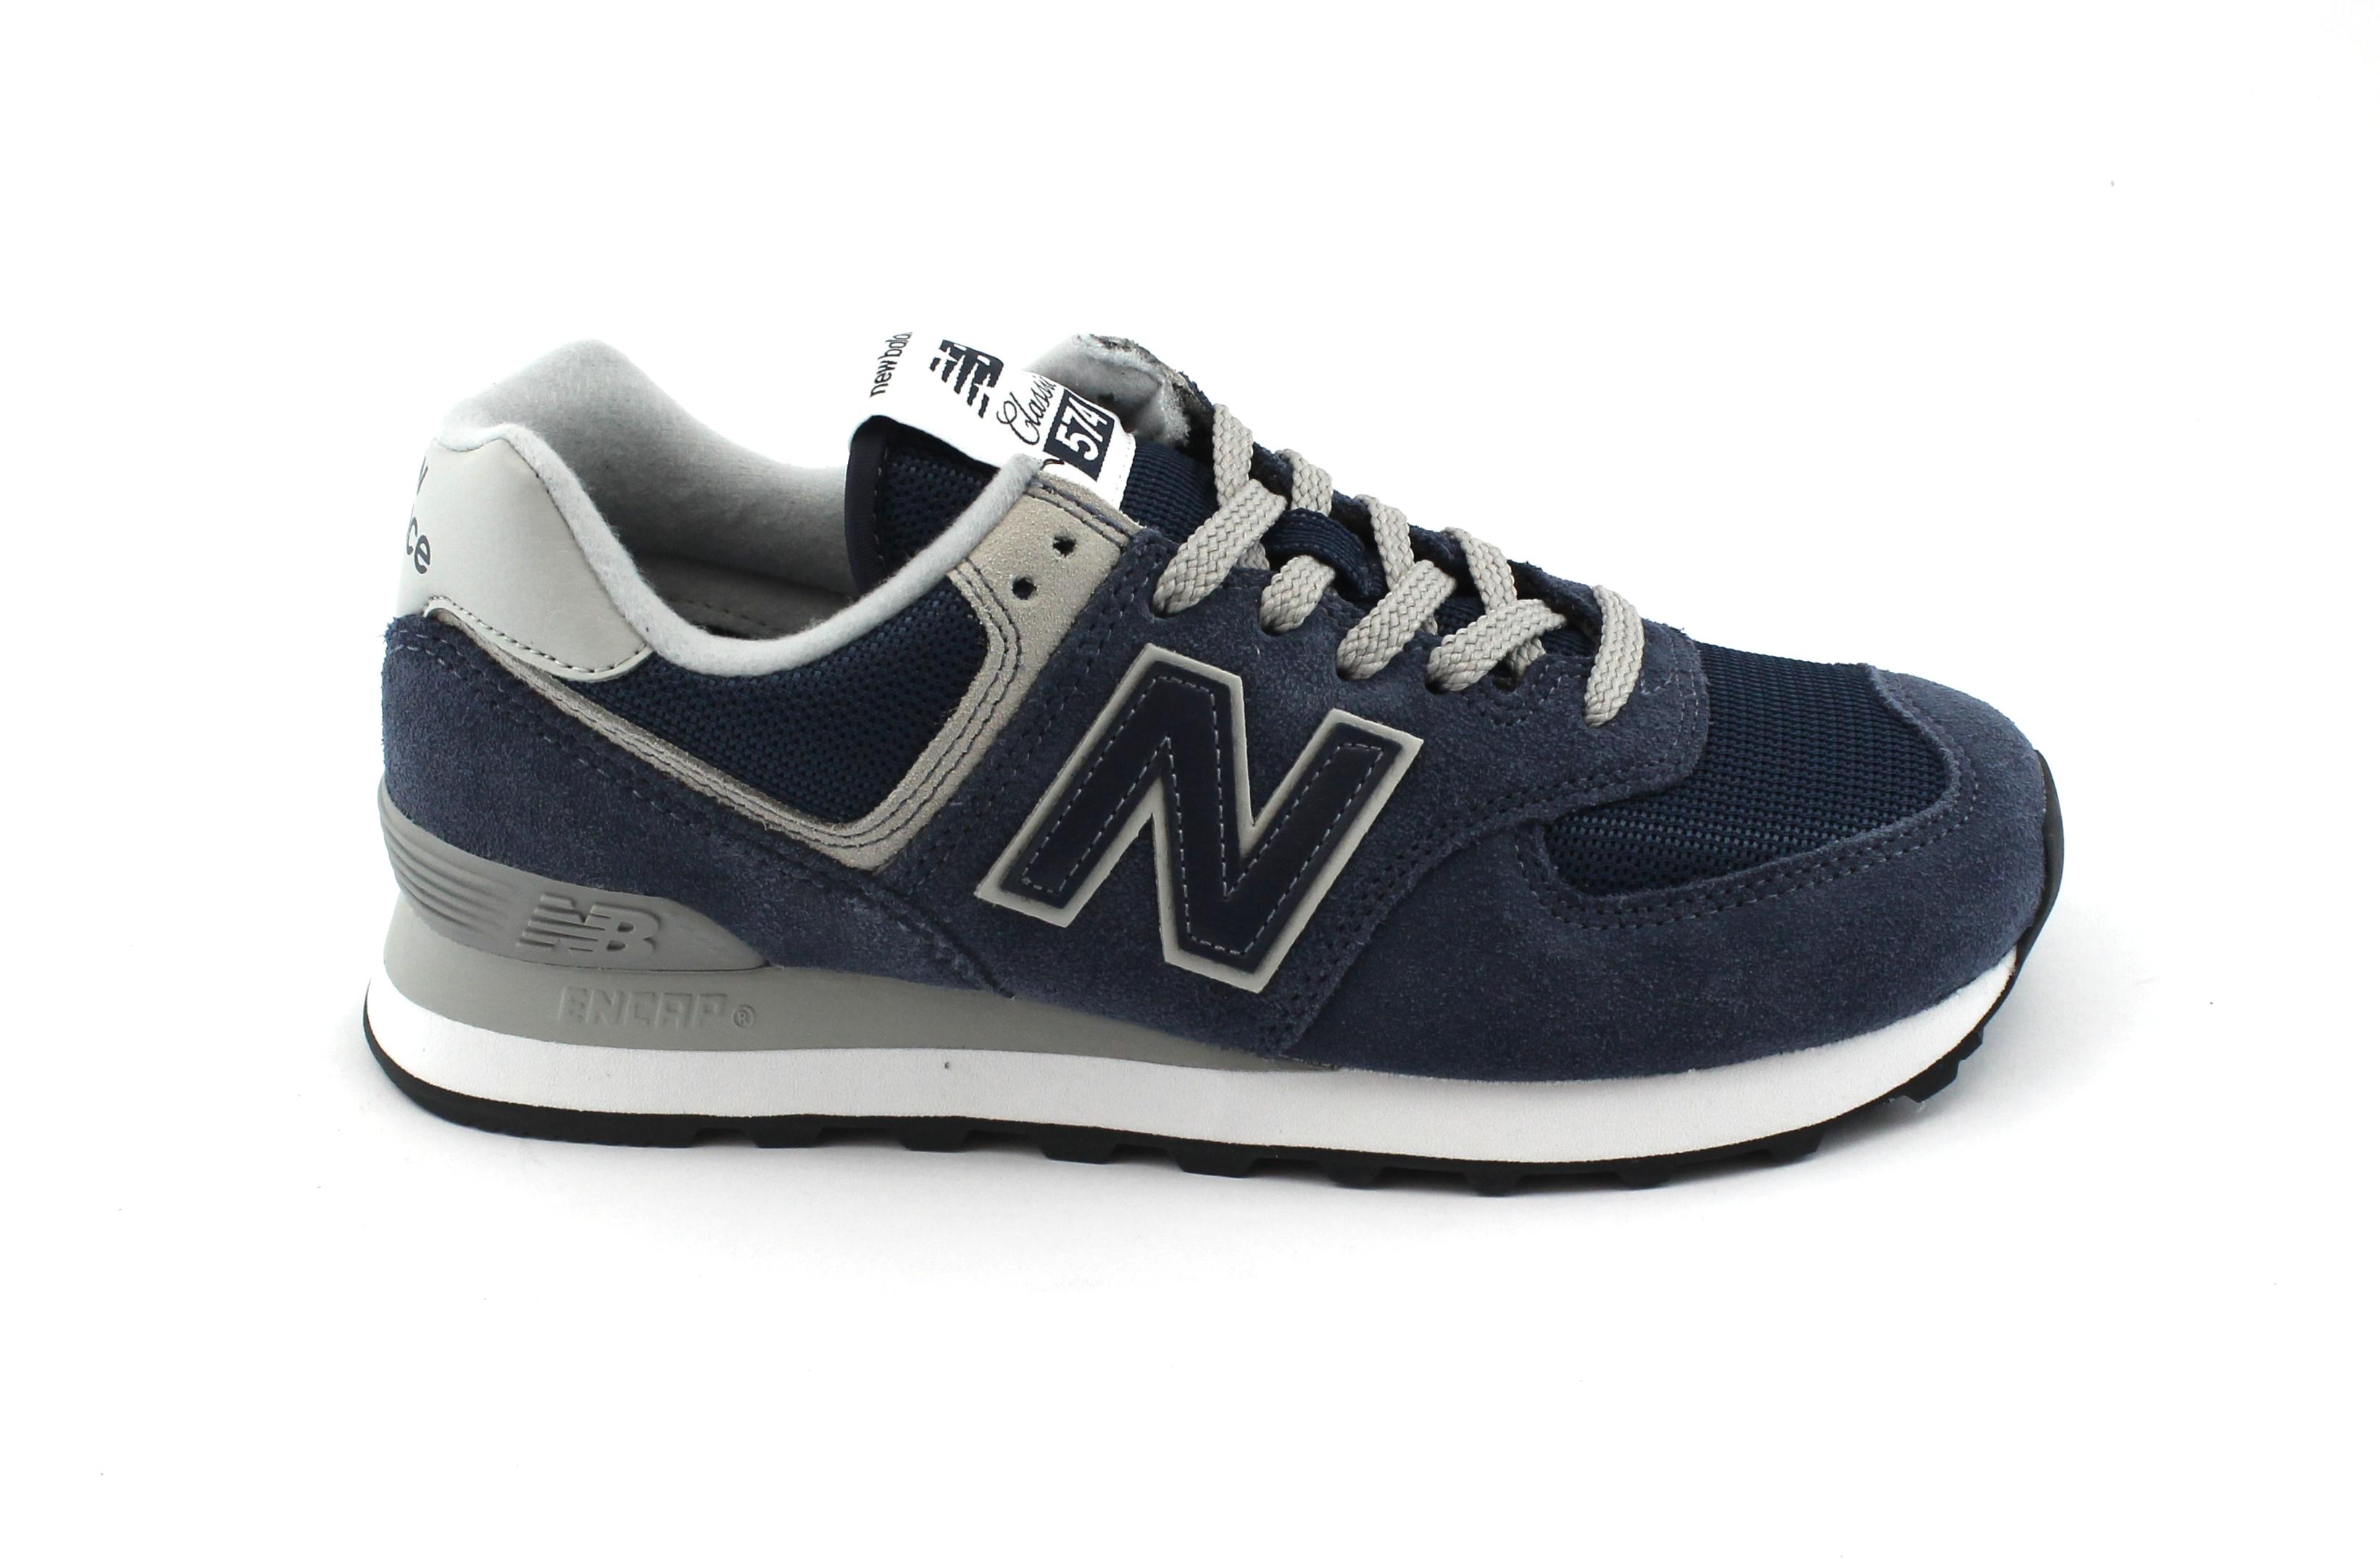 Acquista 2 OFF QUALSIASI scarpe donna new balance nuova CASE E ... 56e4673d55b